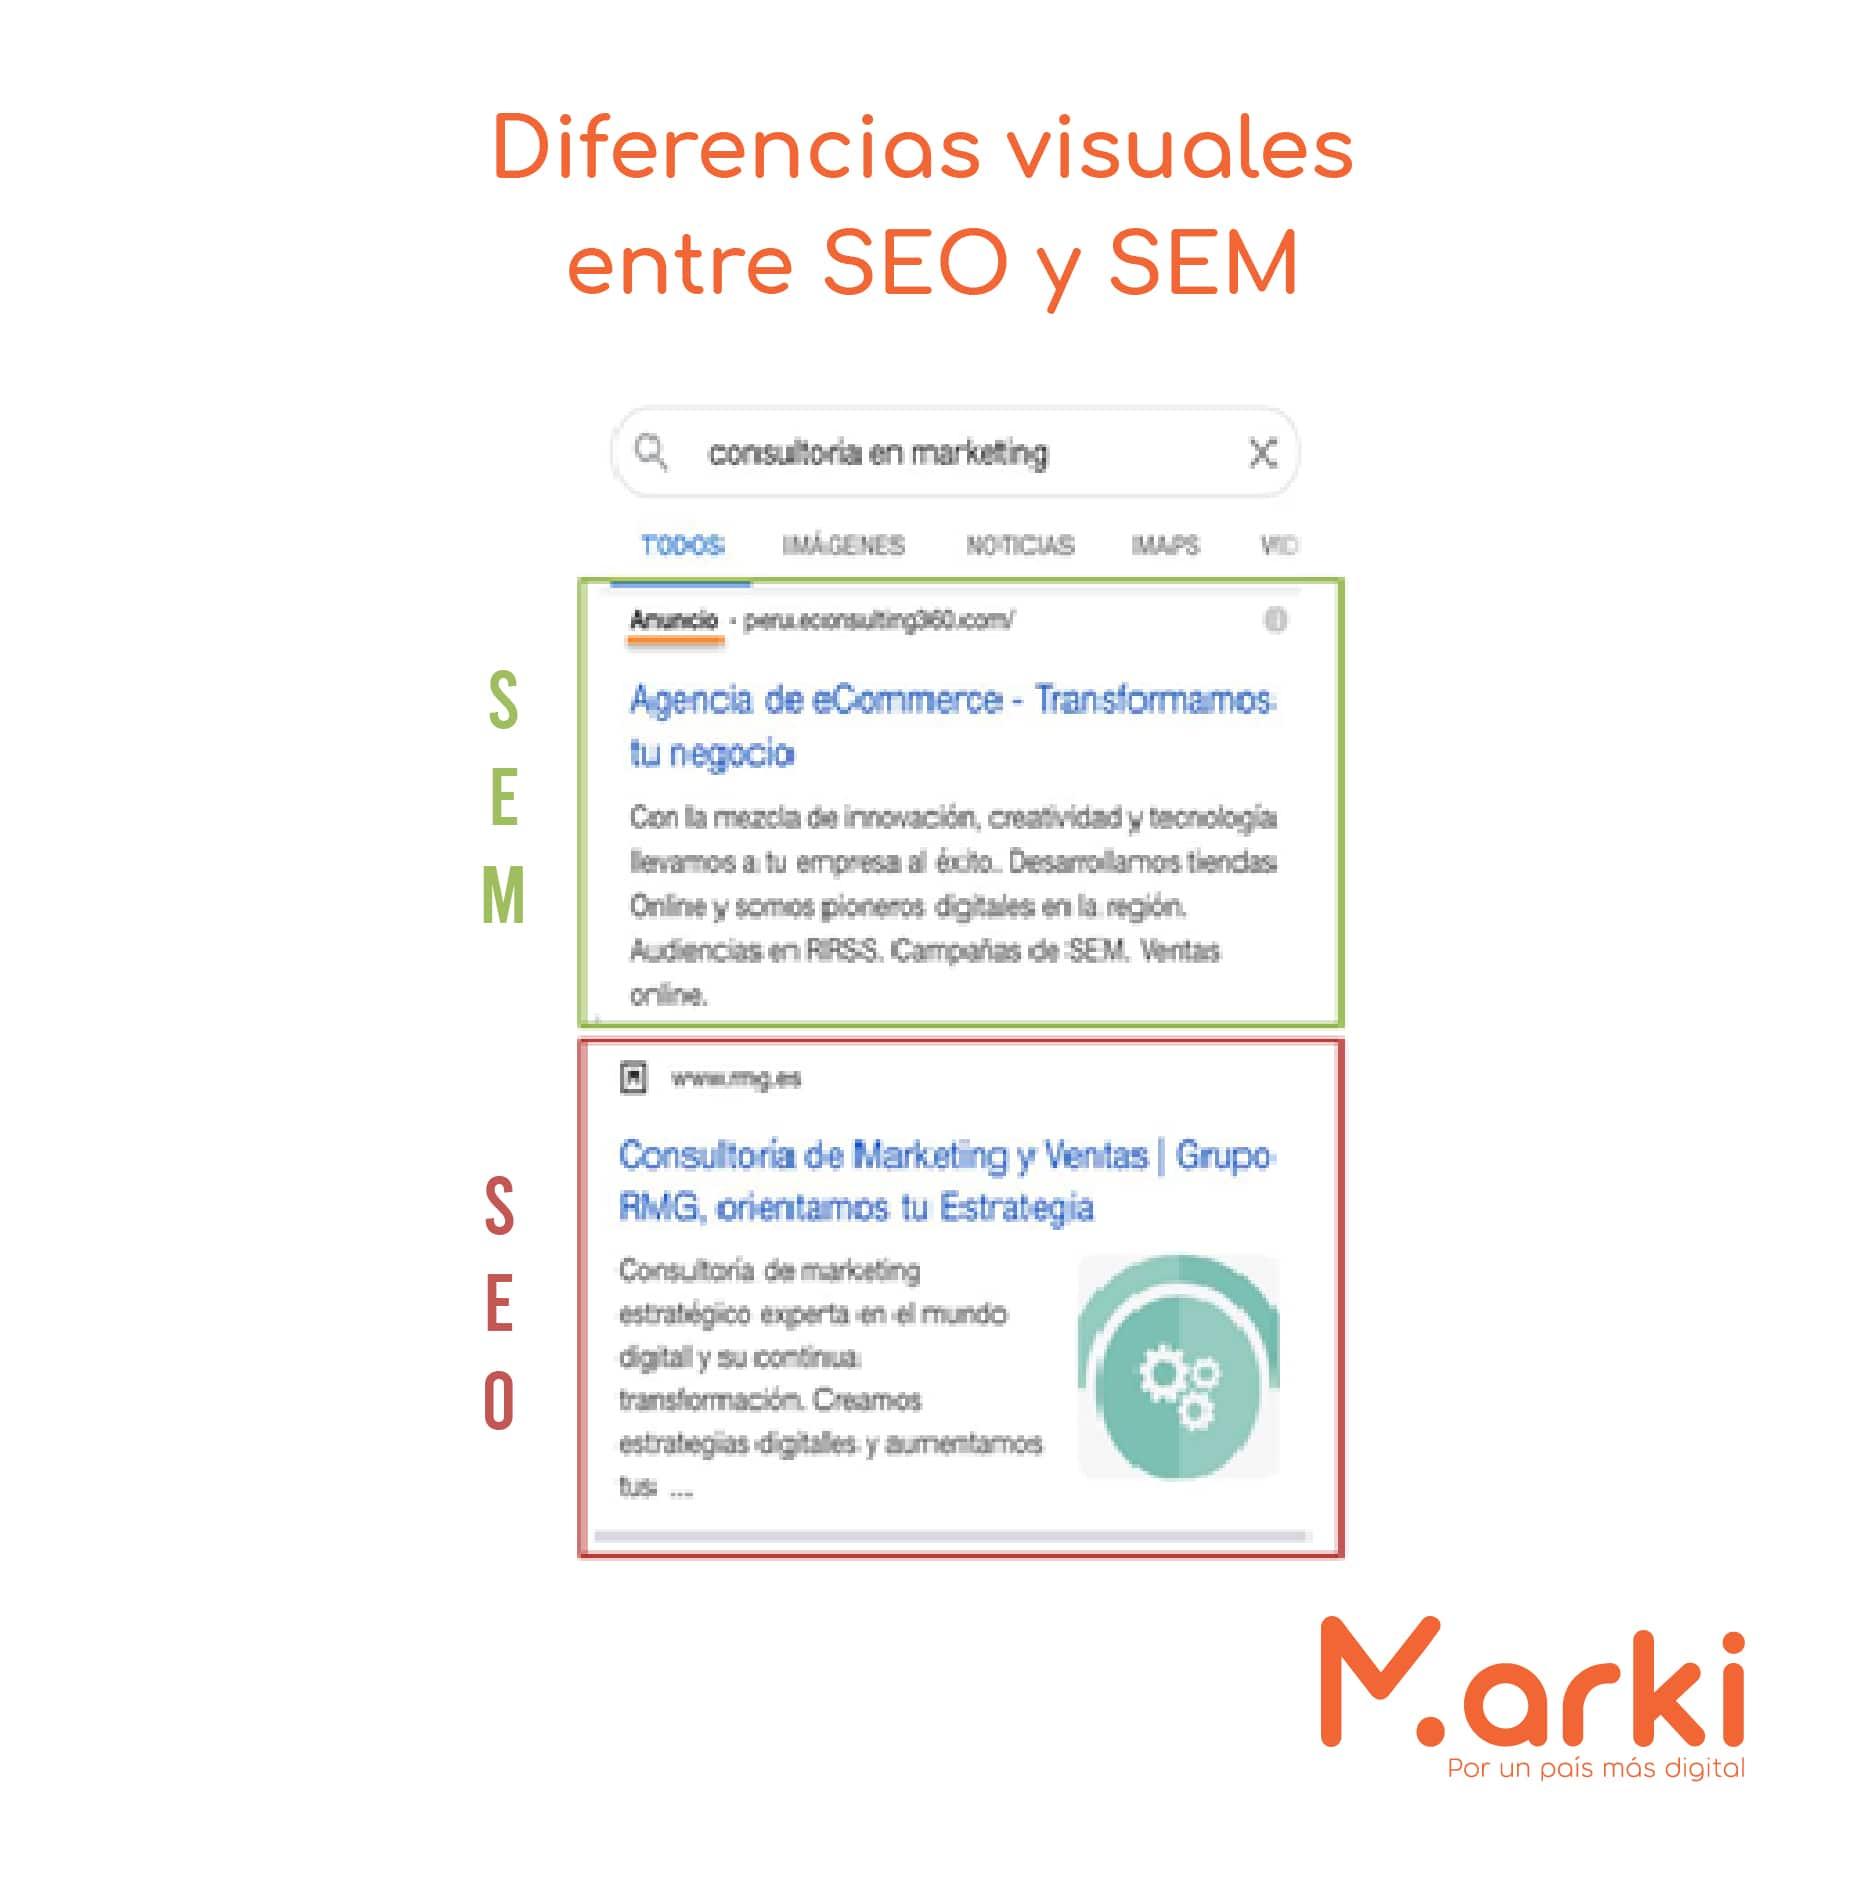 seo que es y como funciona seo como funciona mejorar posicionamiento web que significa seo en marketing digital como funciona el seo marki diseño marki voluntariado marki